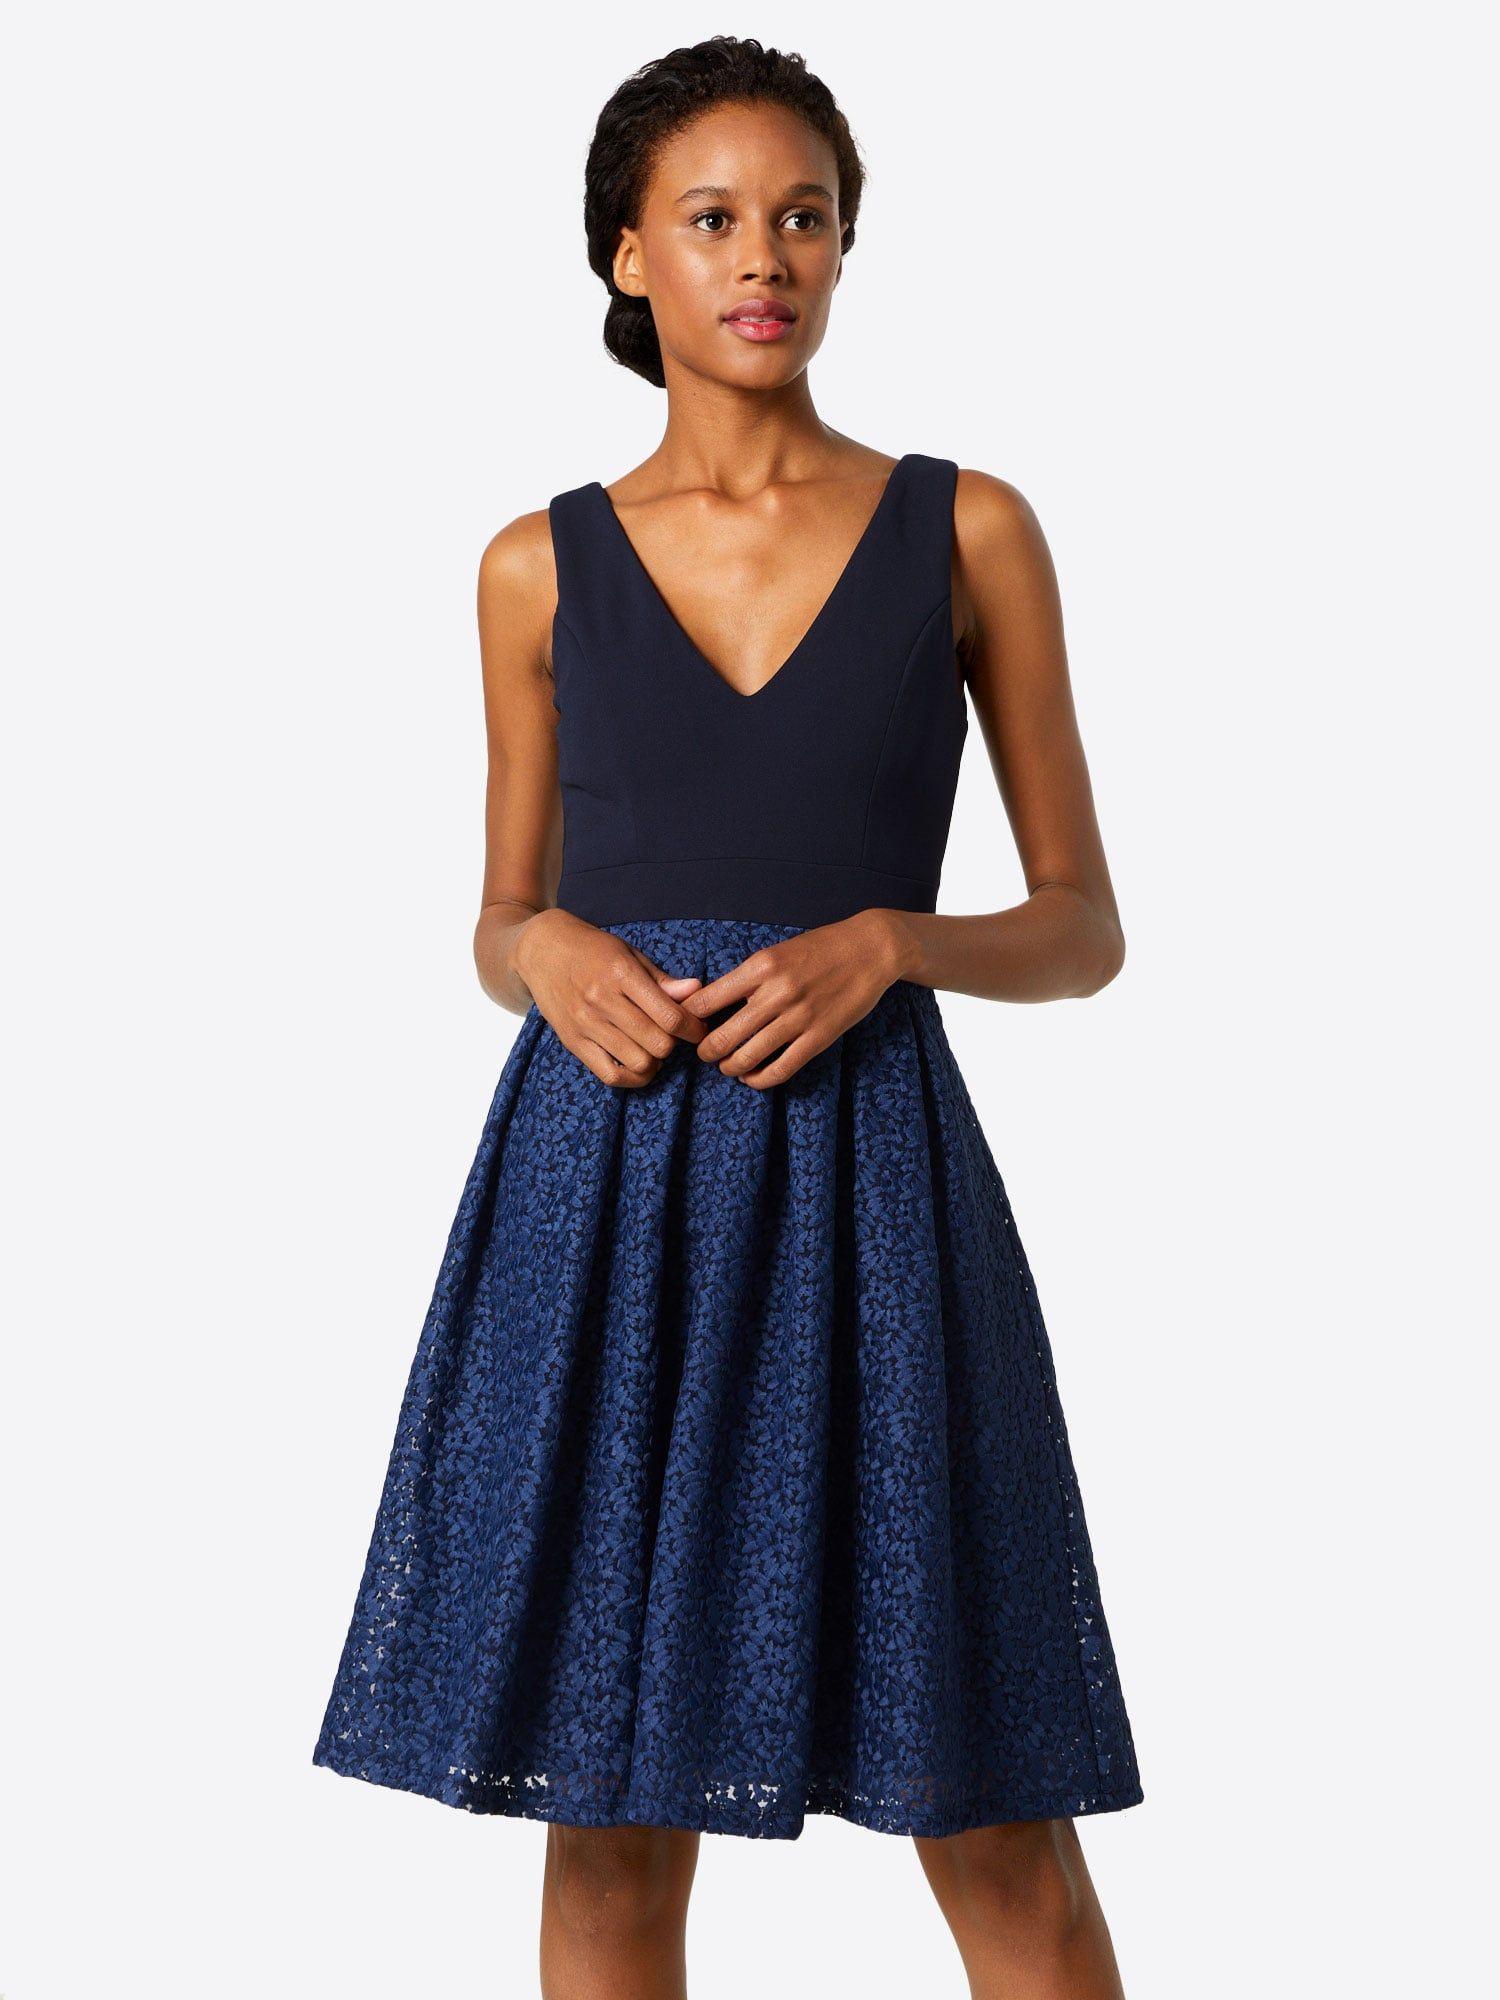 Abend Coolste Kleid Nachtblau SpezialgebietDesigner Erstaunlich Kleid Nachtblau Stylish